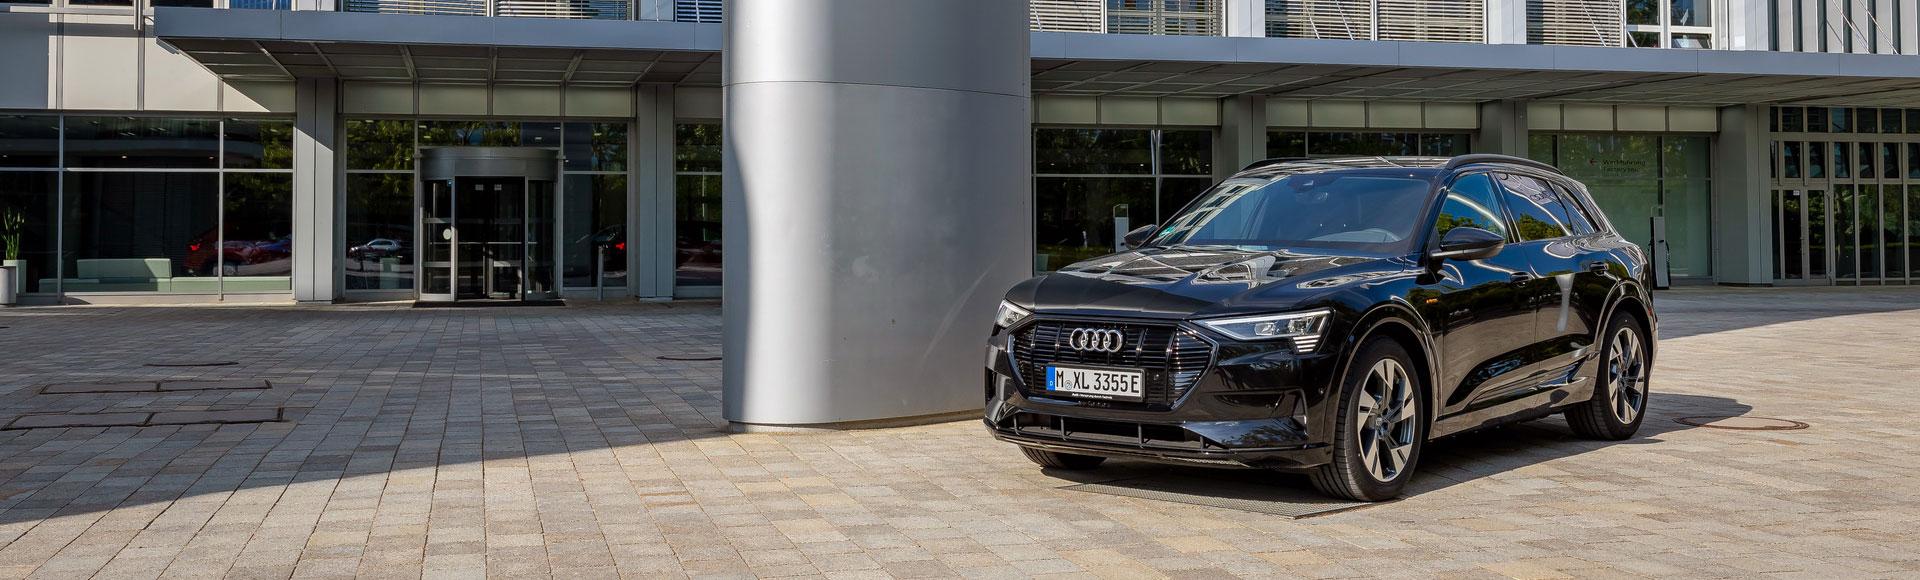 Audi e tron 2019 Spring Sommer 0794